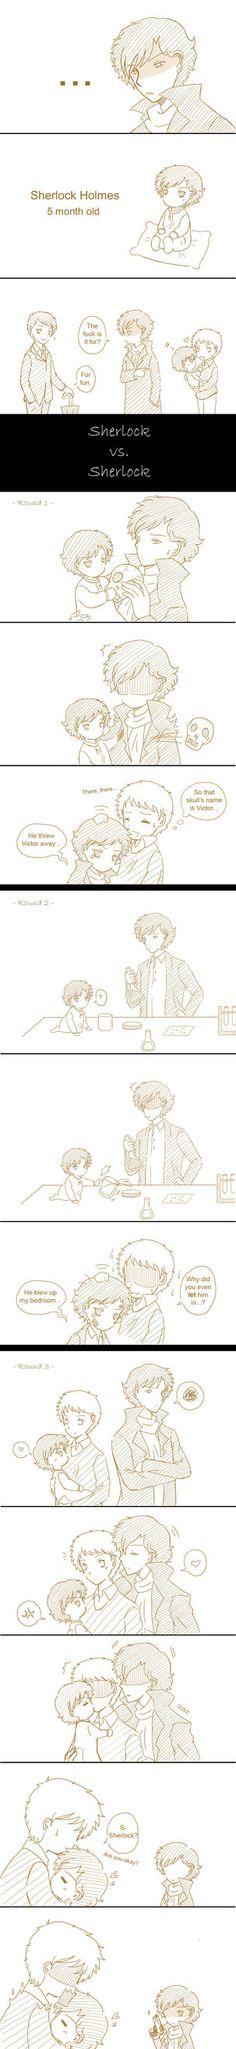 Childhood by Voidance-kun on deviantART